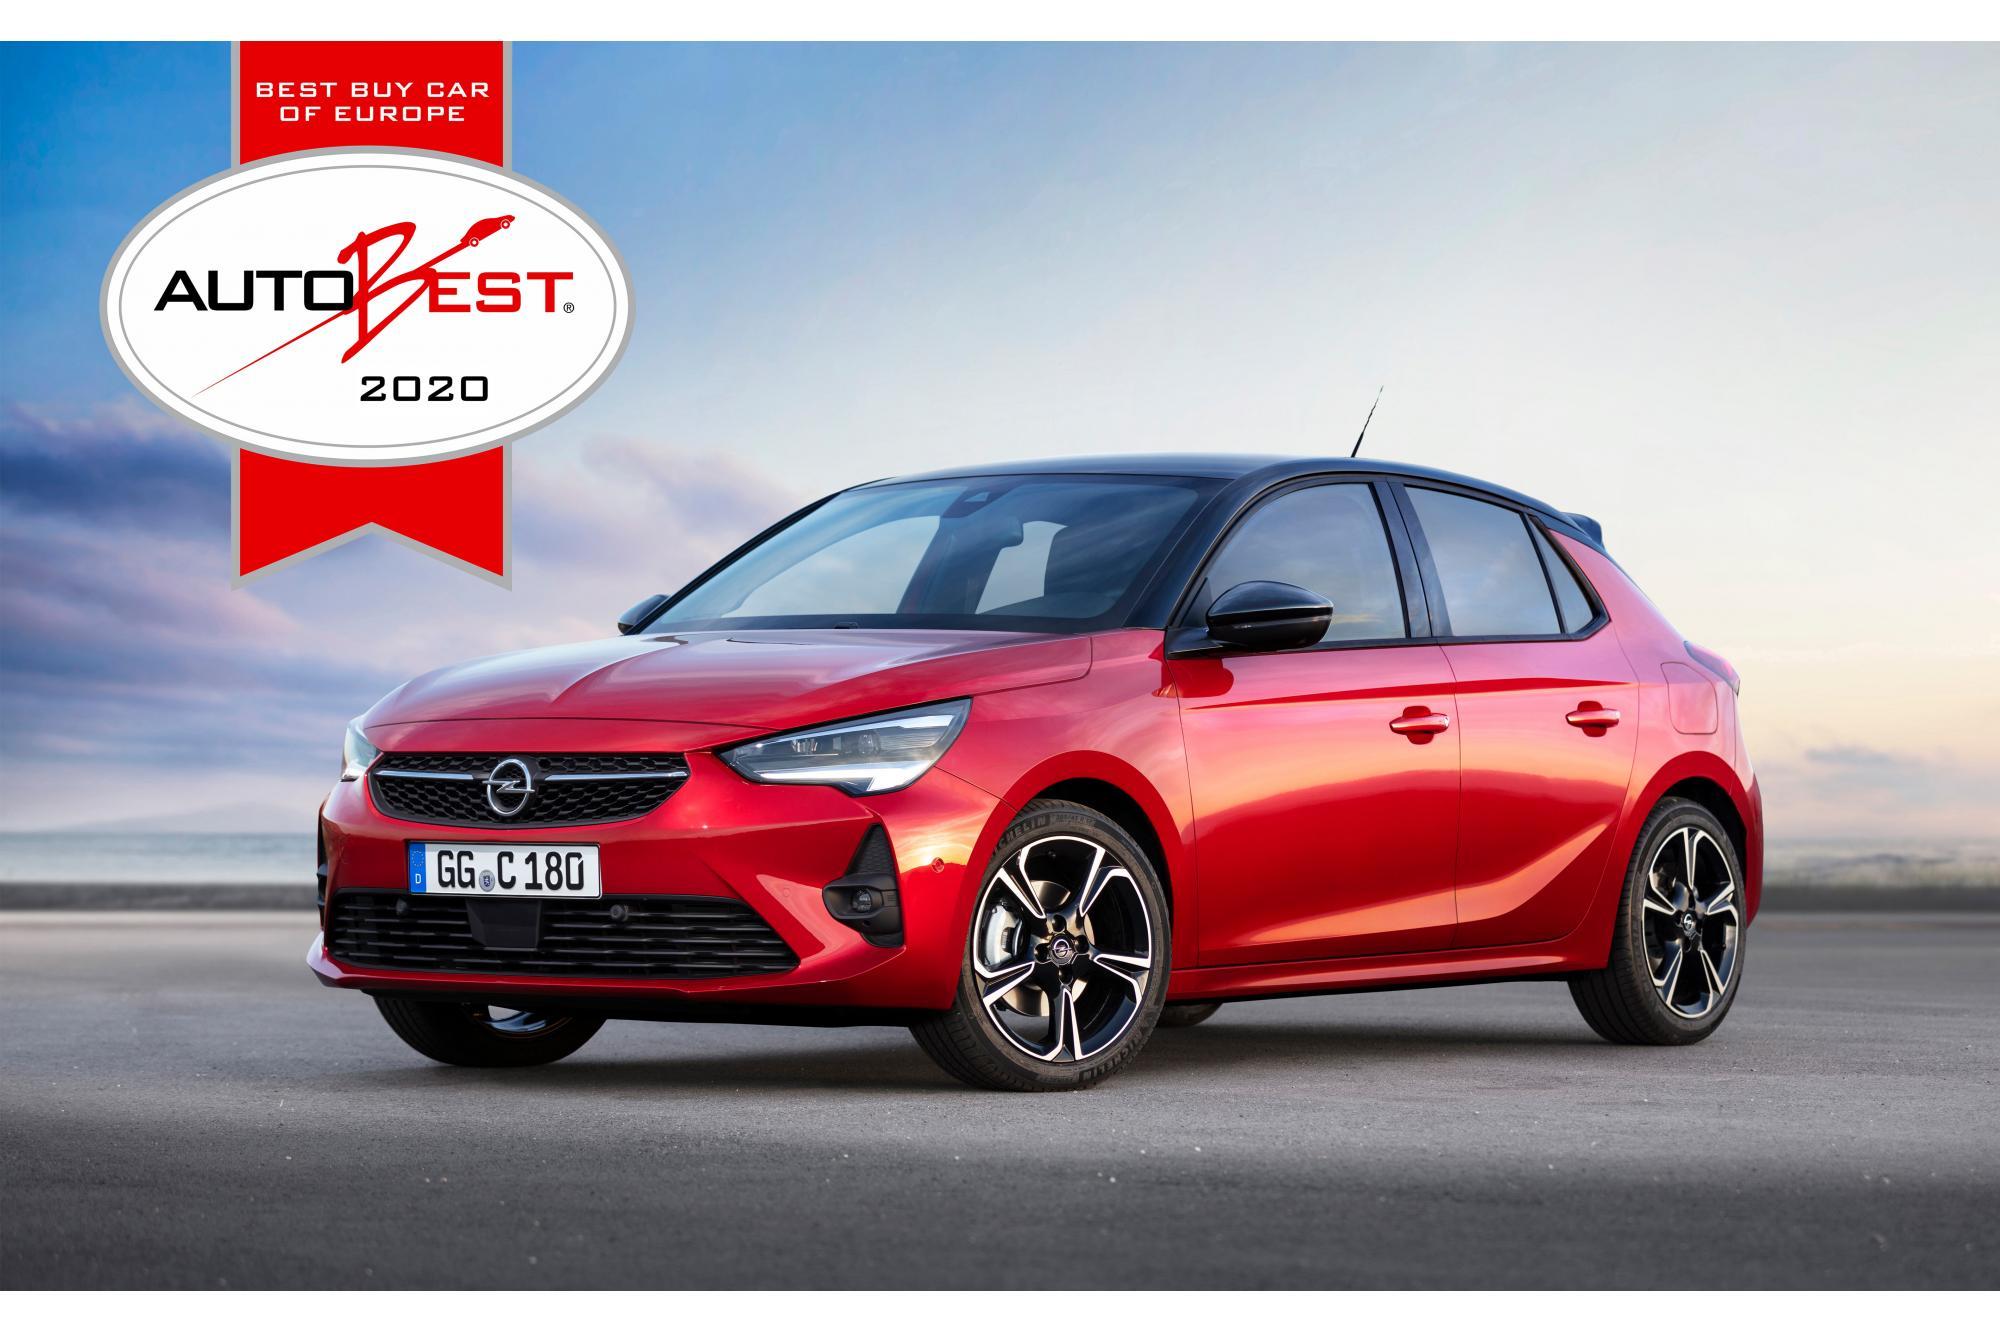 Τα Νέα Opel Corsa και Corsa-e Απέσπασαν το Βραβείο AUTOBEST